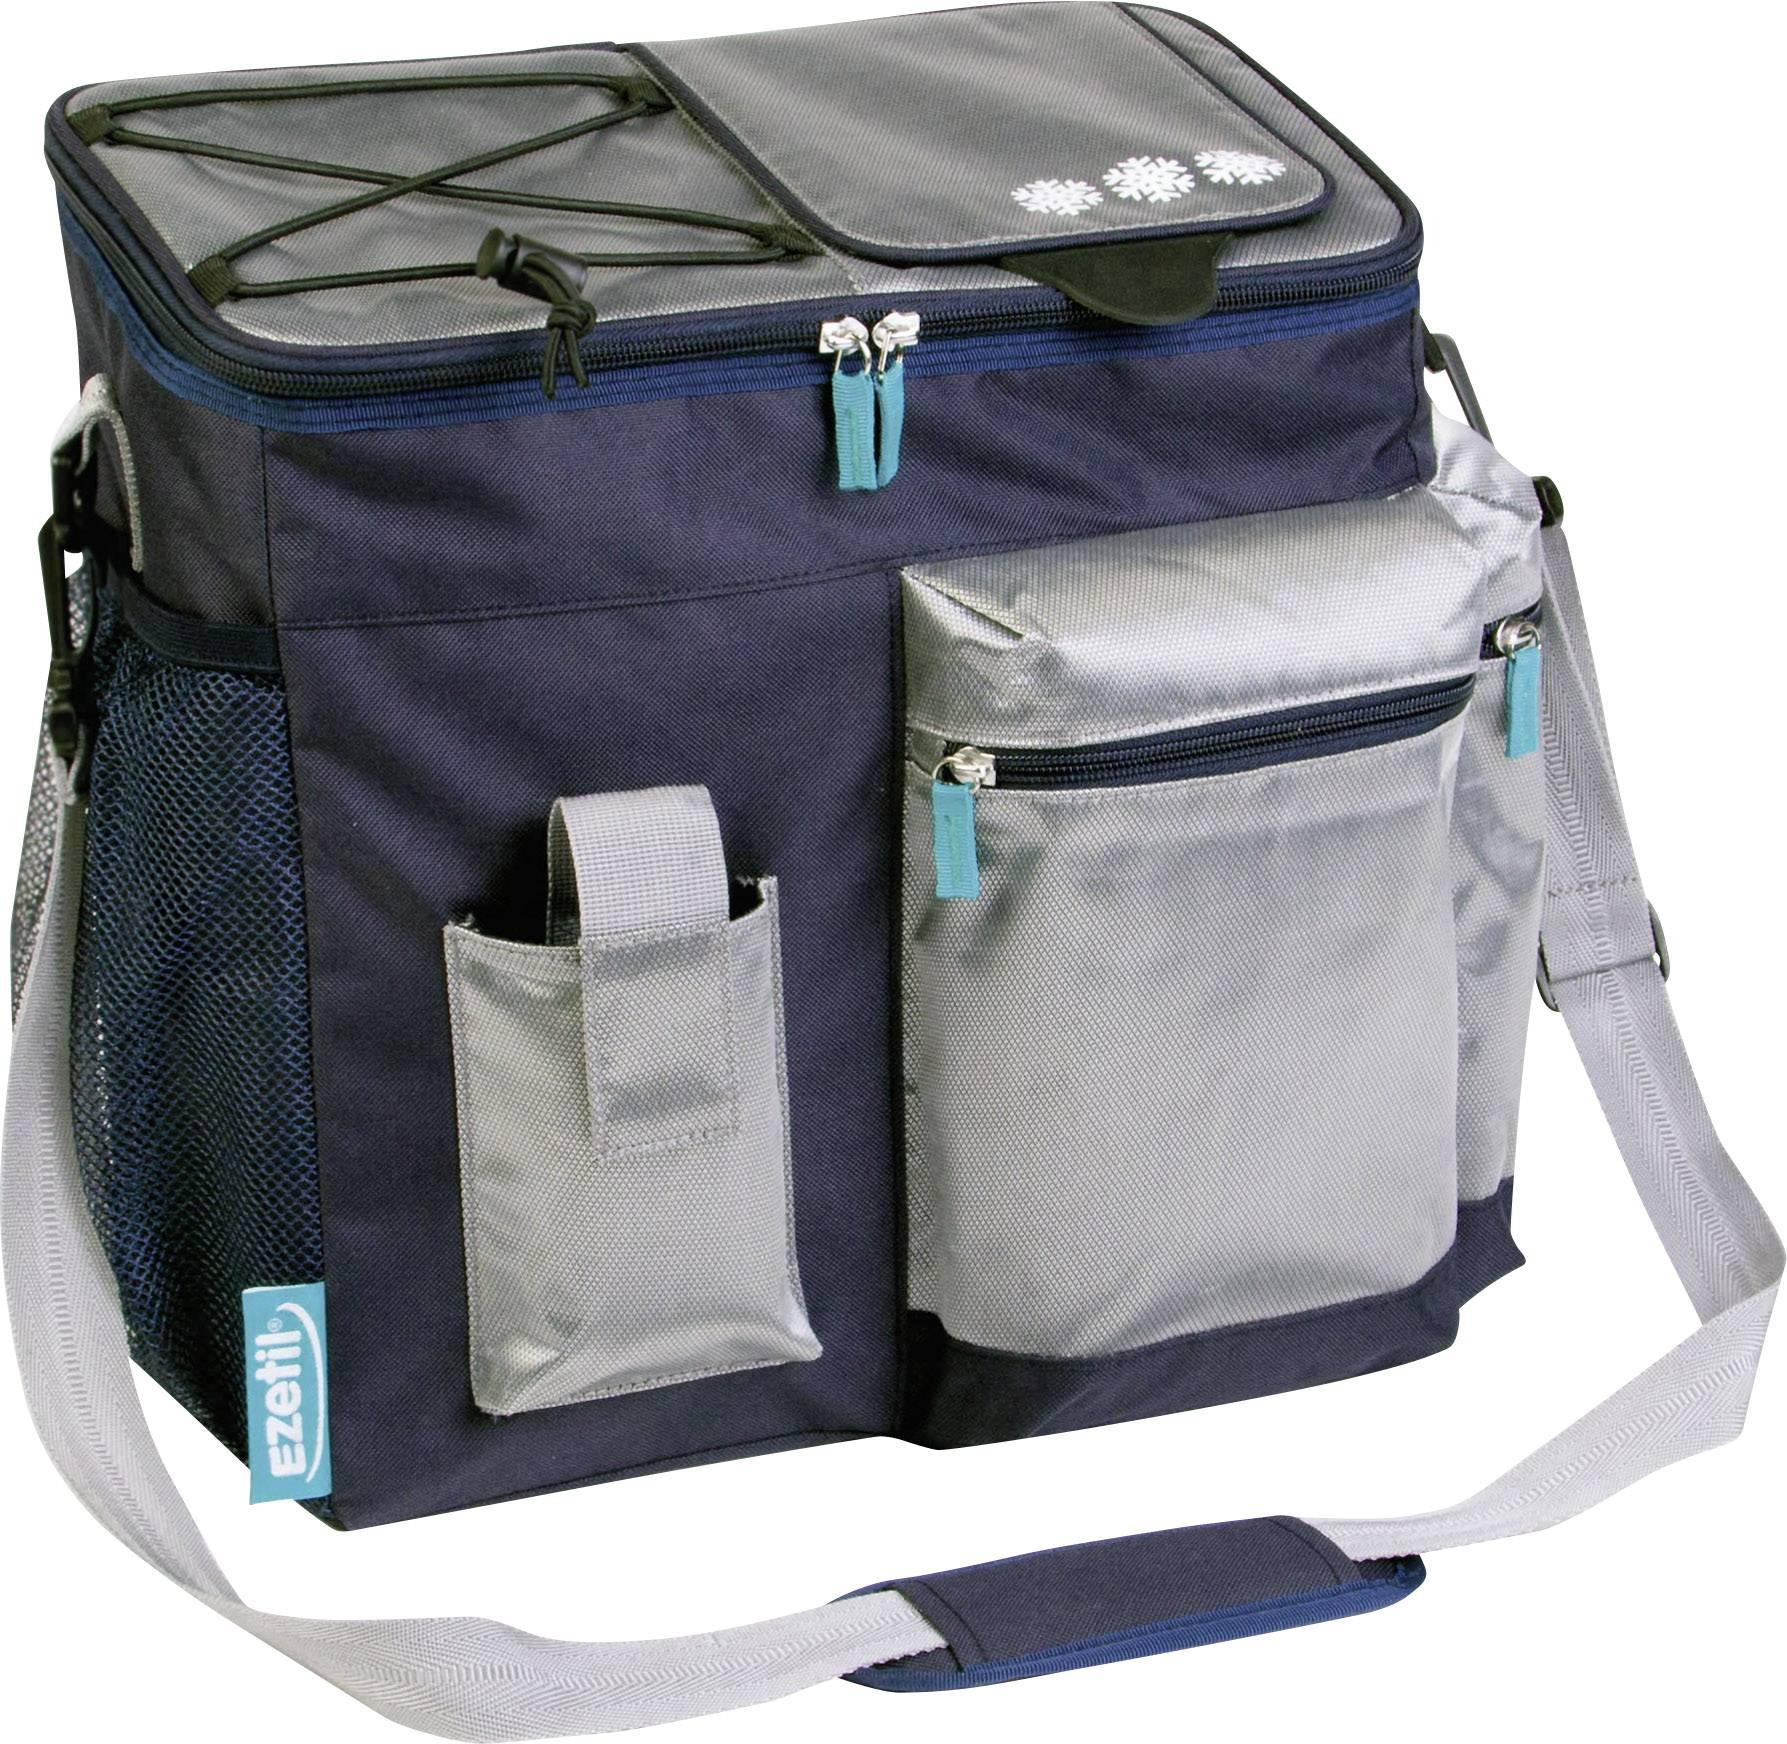 Chladicí taška (box) na party Ezetil Travel in Style 18, 18 l, námořnická, stříbrná